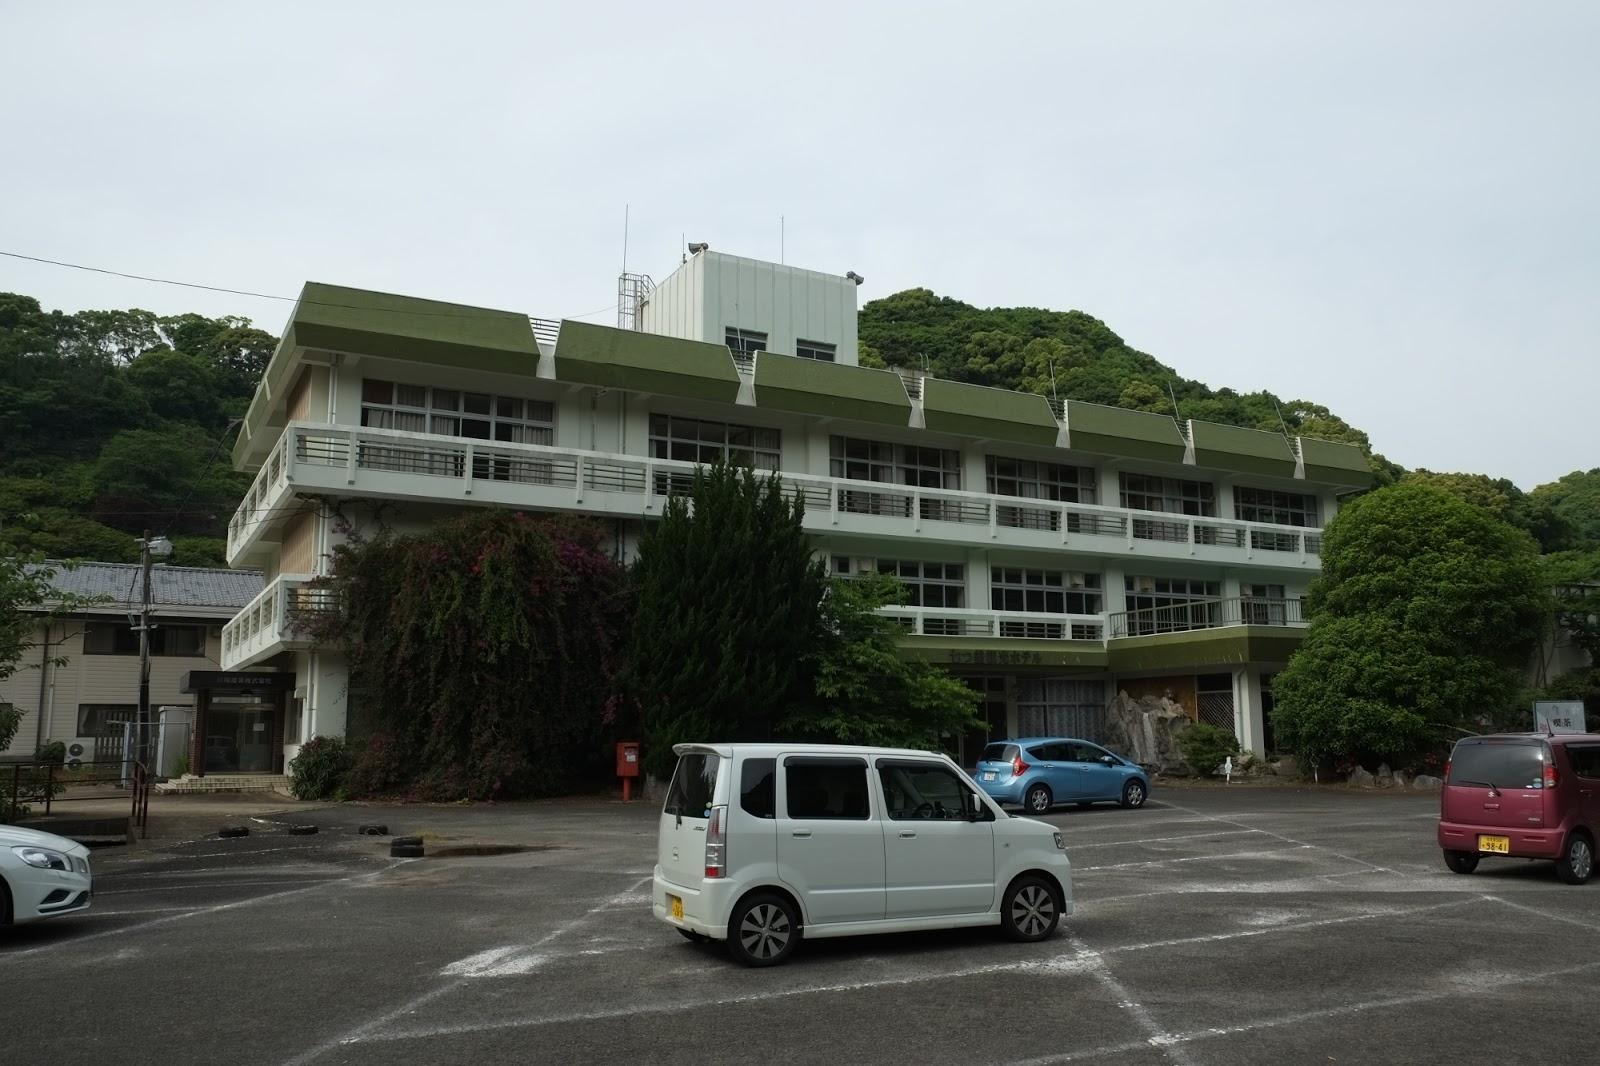 大神戸共榮圈: 長崎県西海市 七ツ釜鍾乳洞